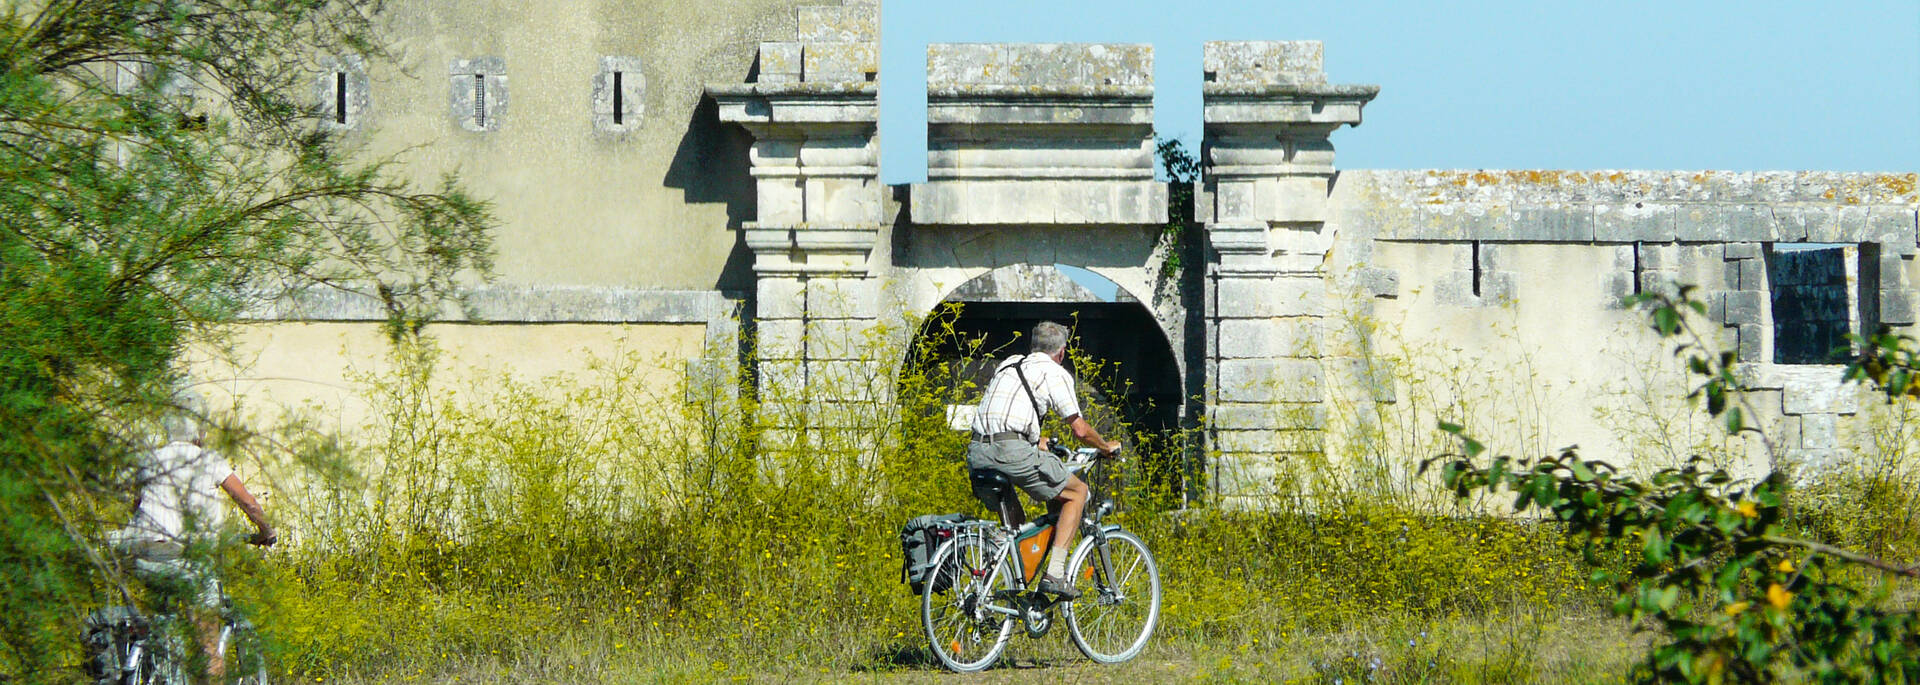 Les sentiers de l'arsenal devant le fort Lupin - © Maison Sud Charente